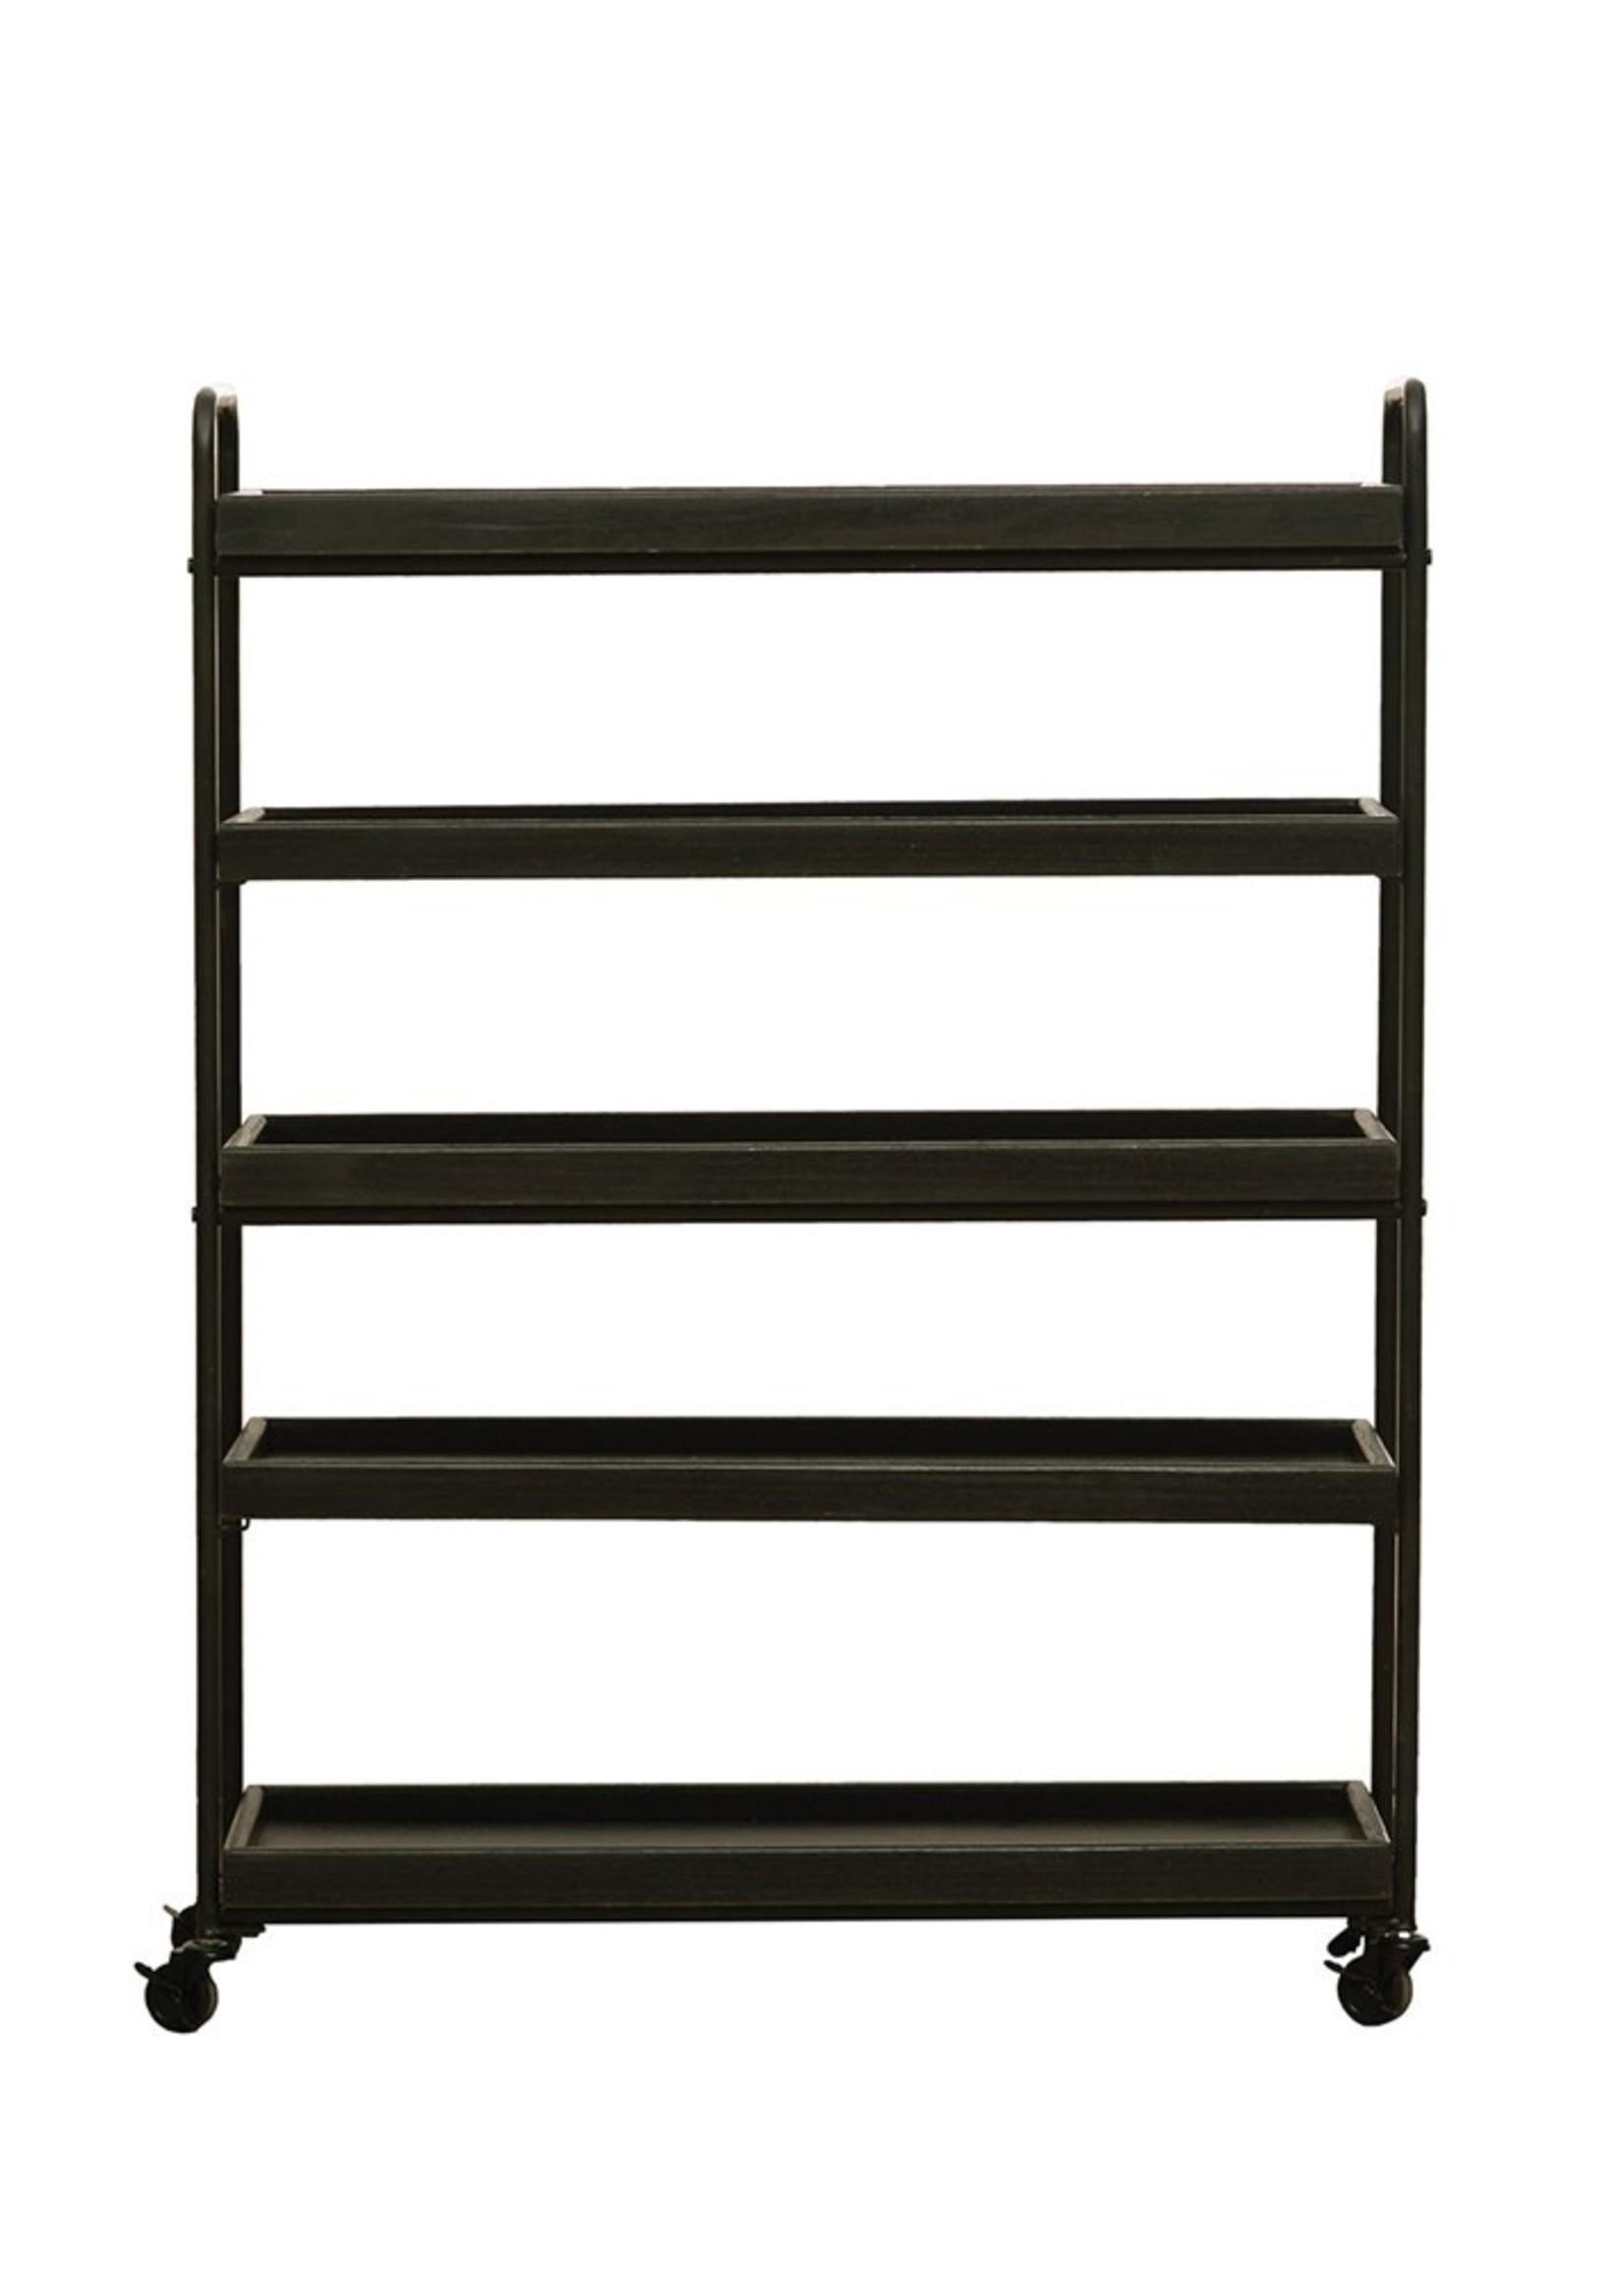 Wood & Metal 5-Tier Shelf on Casters, Black, KD